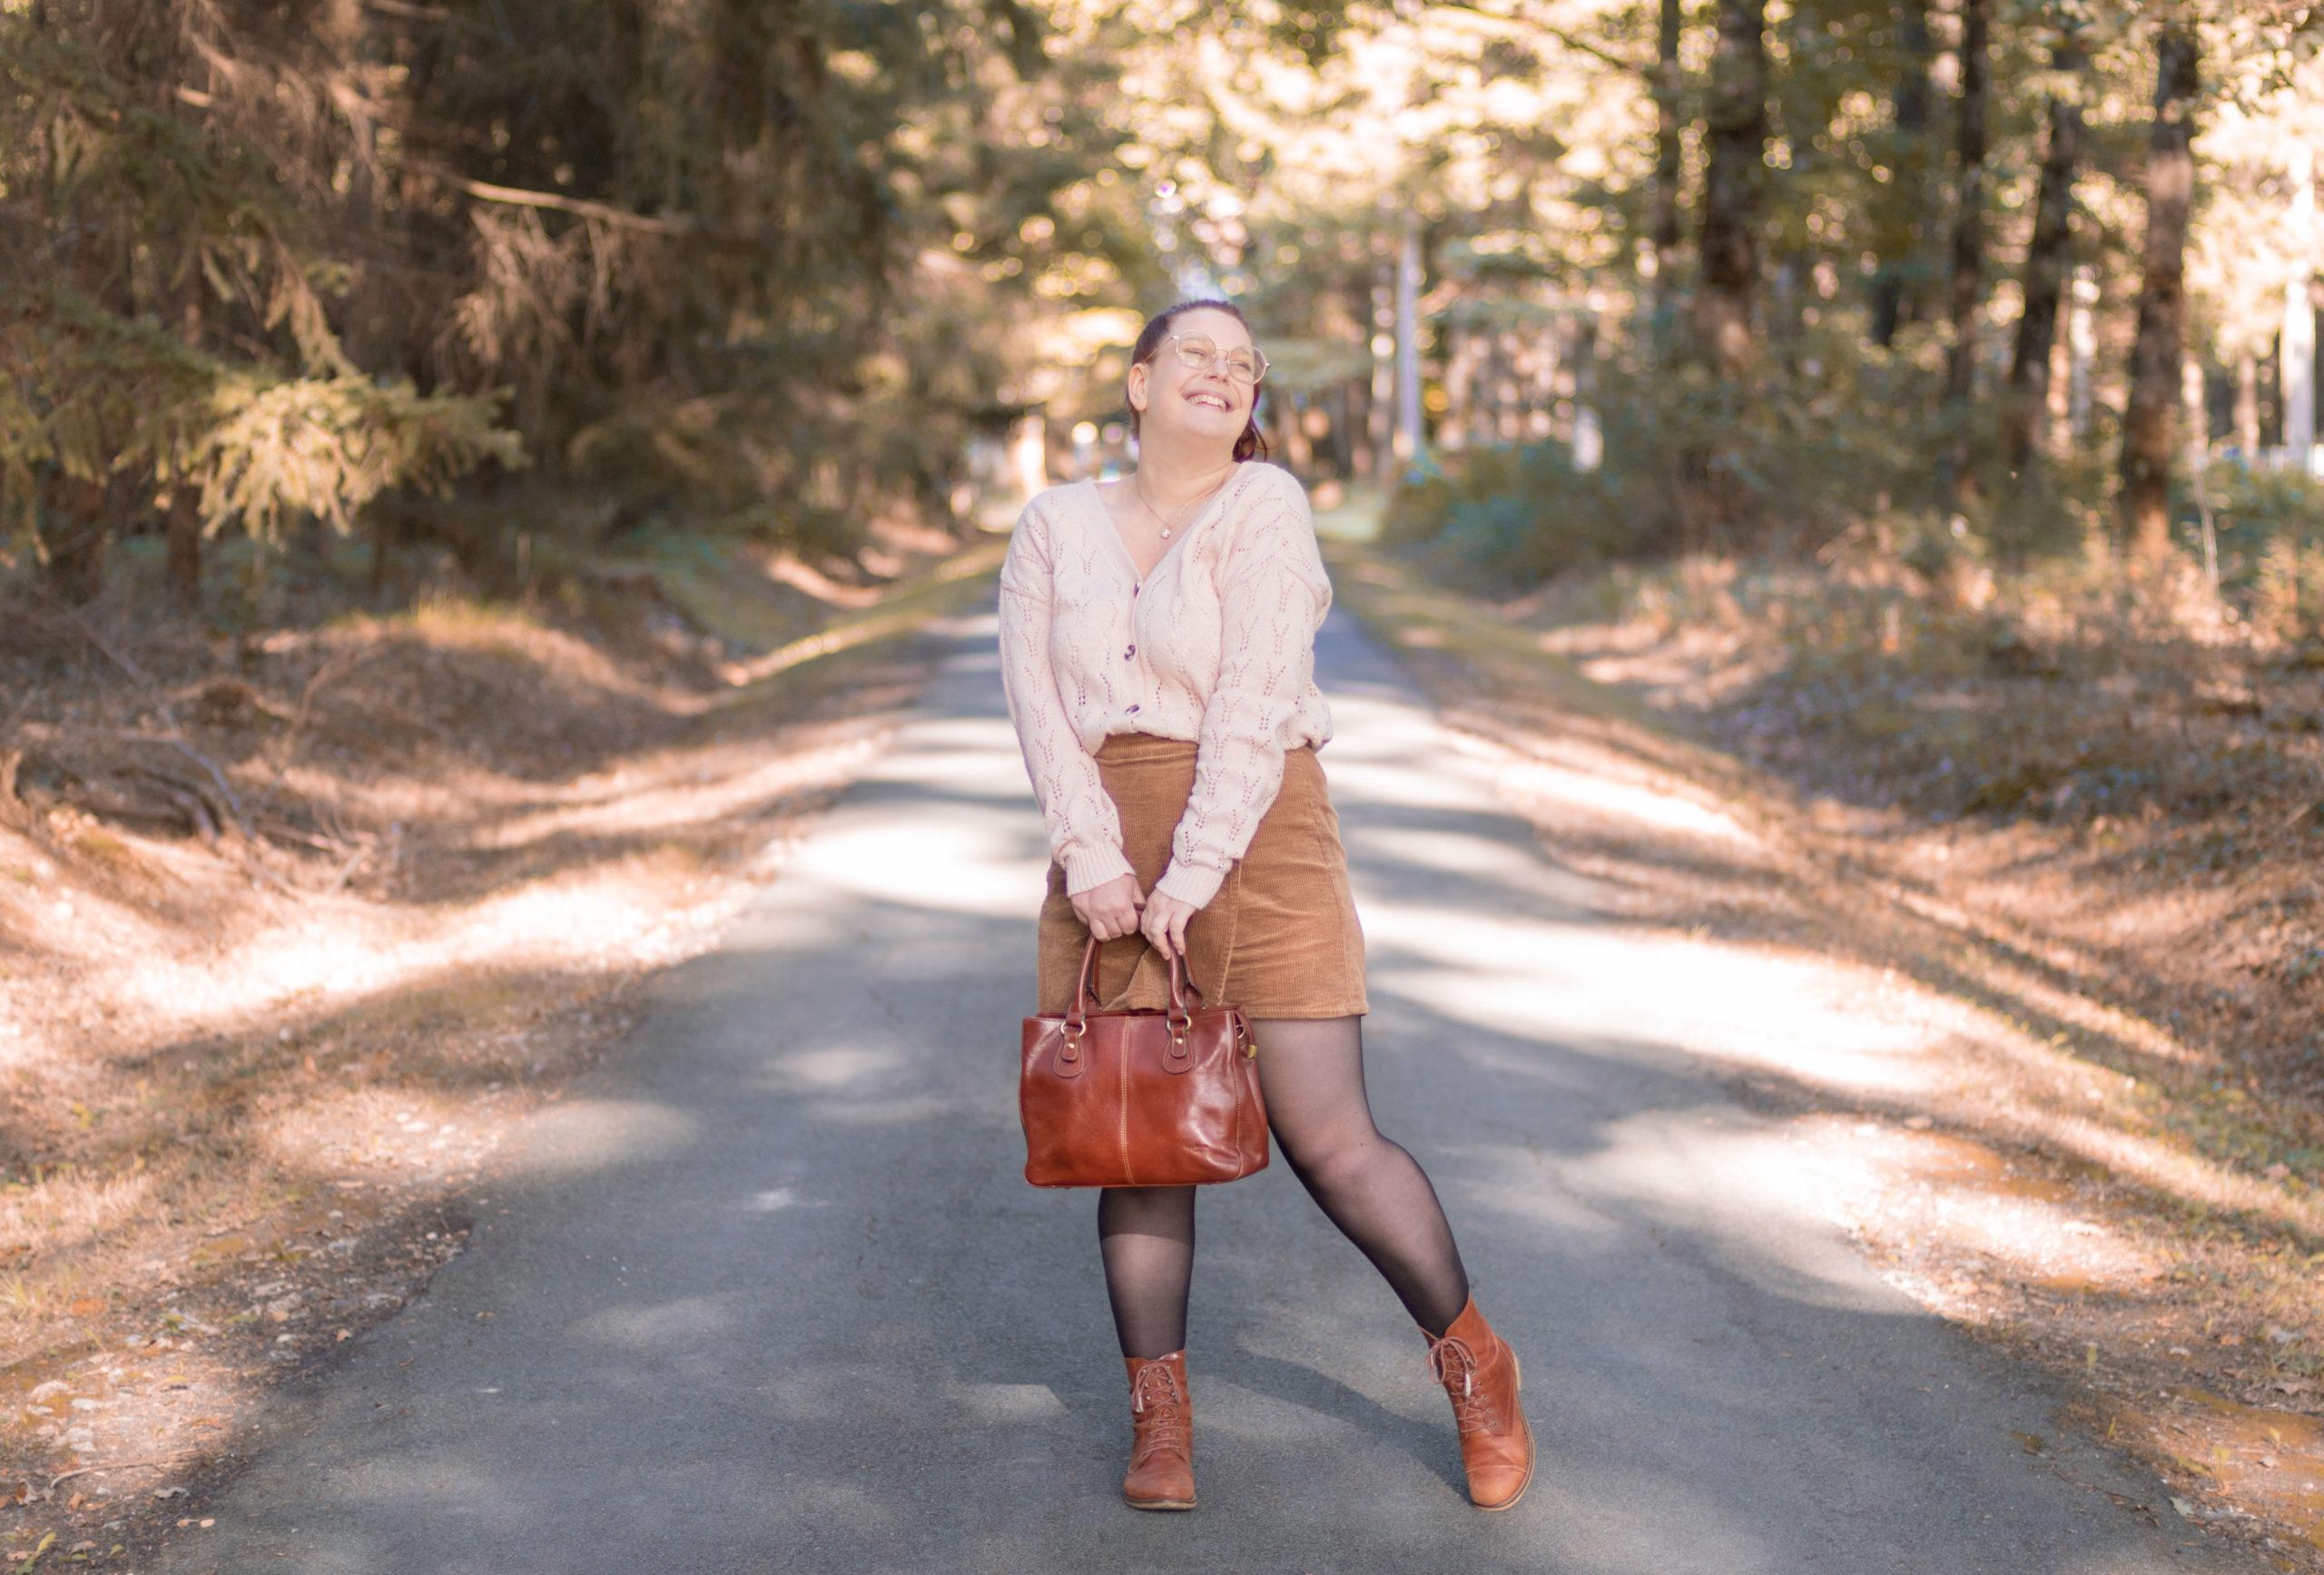 Au milieu des bois en tenue d'automne beige et marron, avec le sourire, un sac en cuir entre les mains